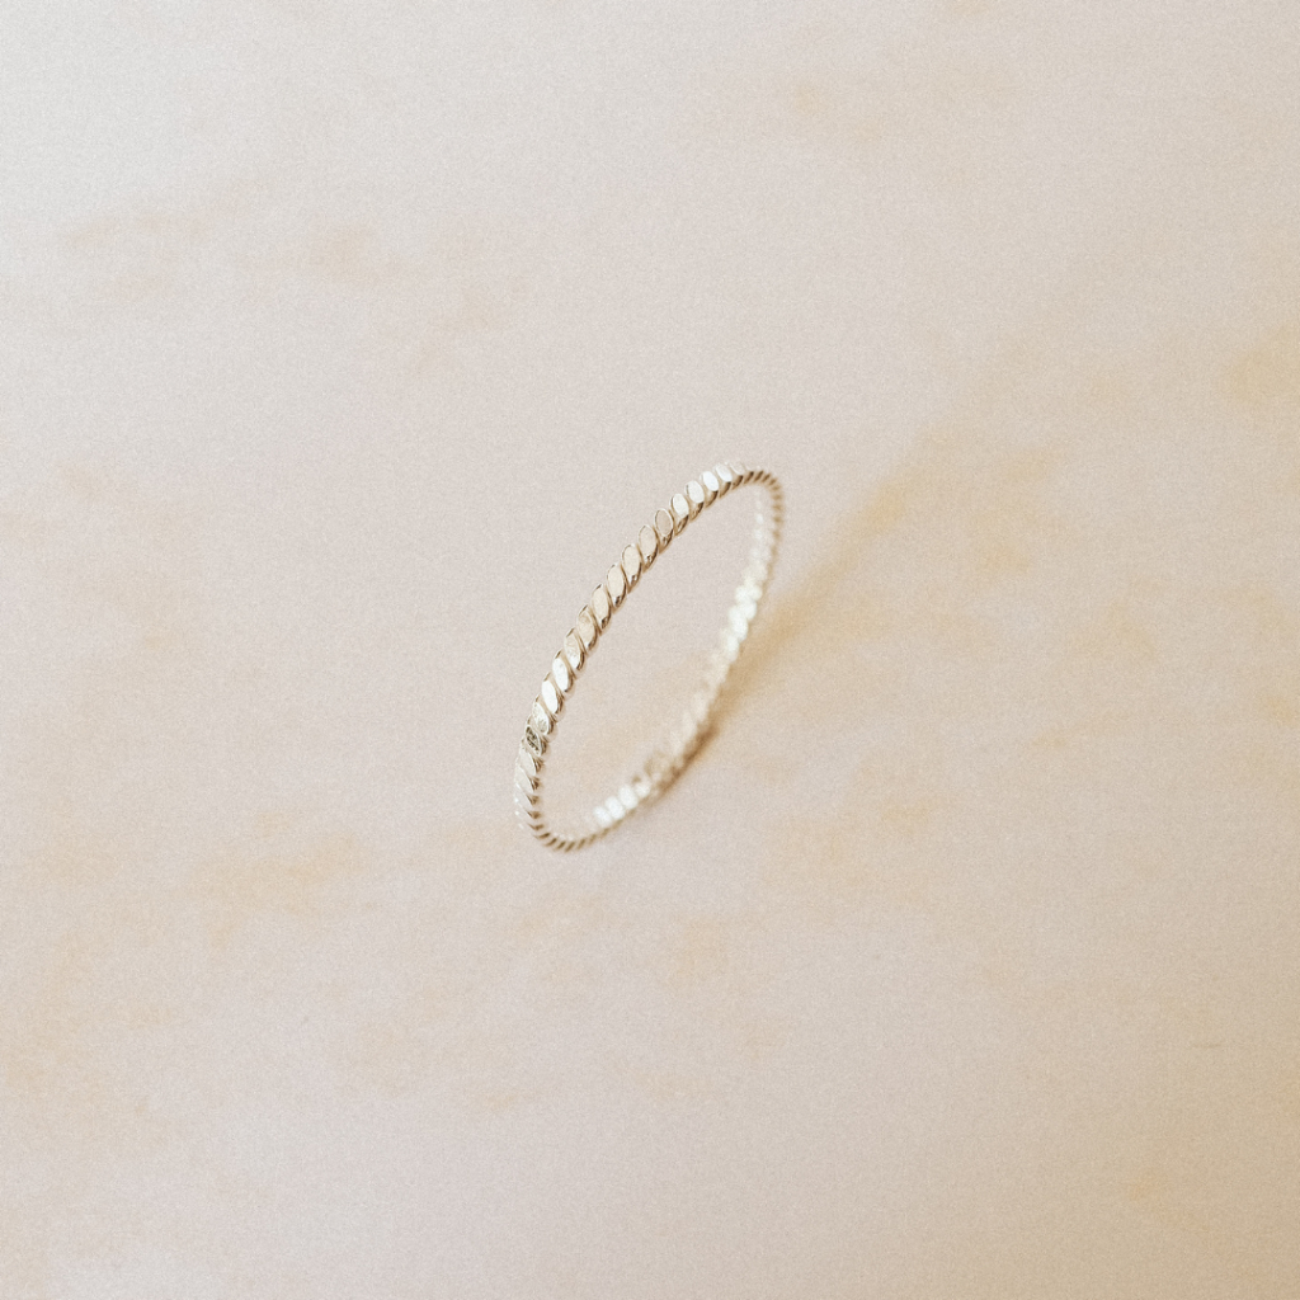 Kroucený prstýnek